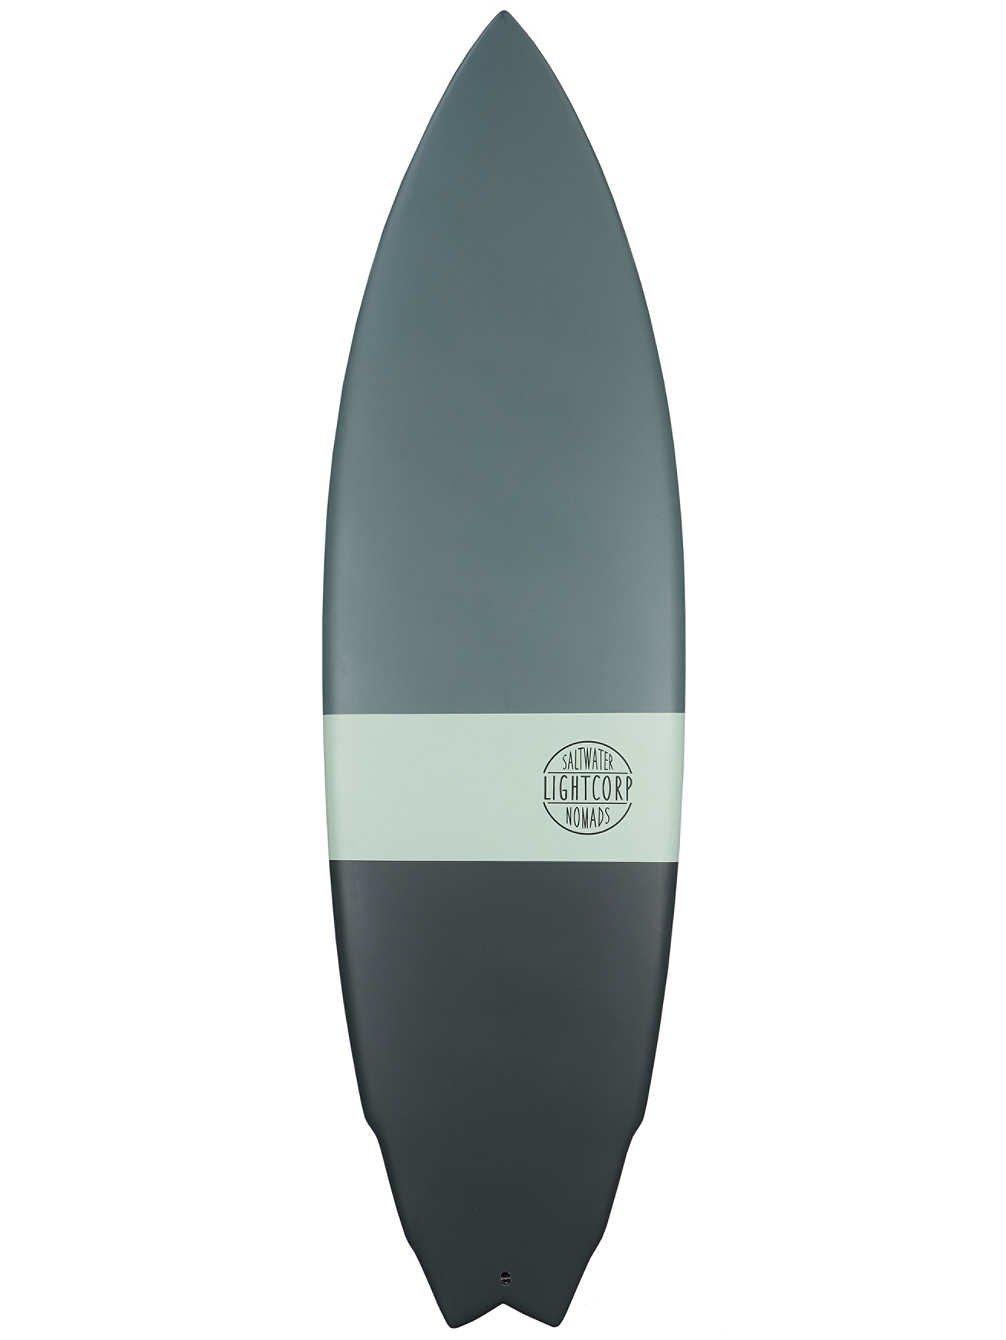 Light Truvalli Fish Epoxy Future Surfboard